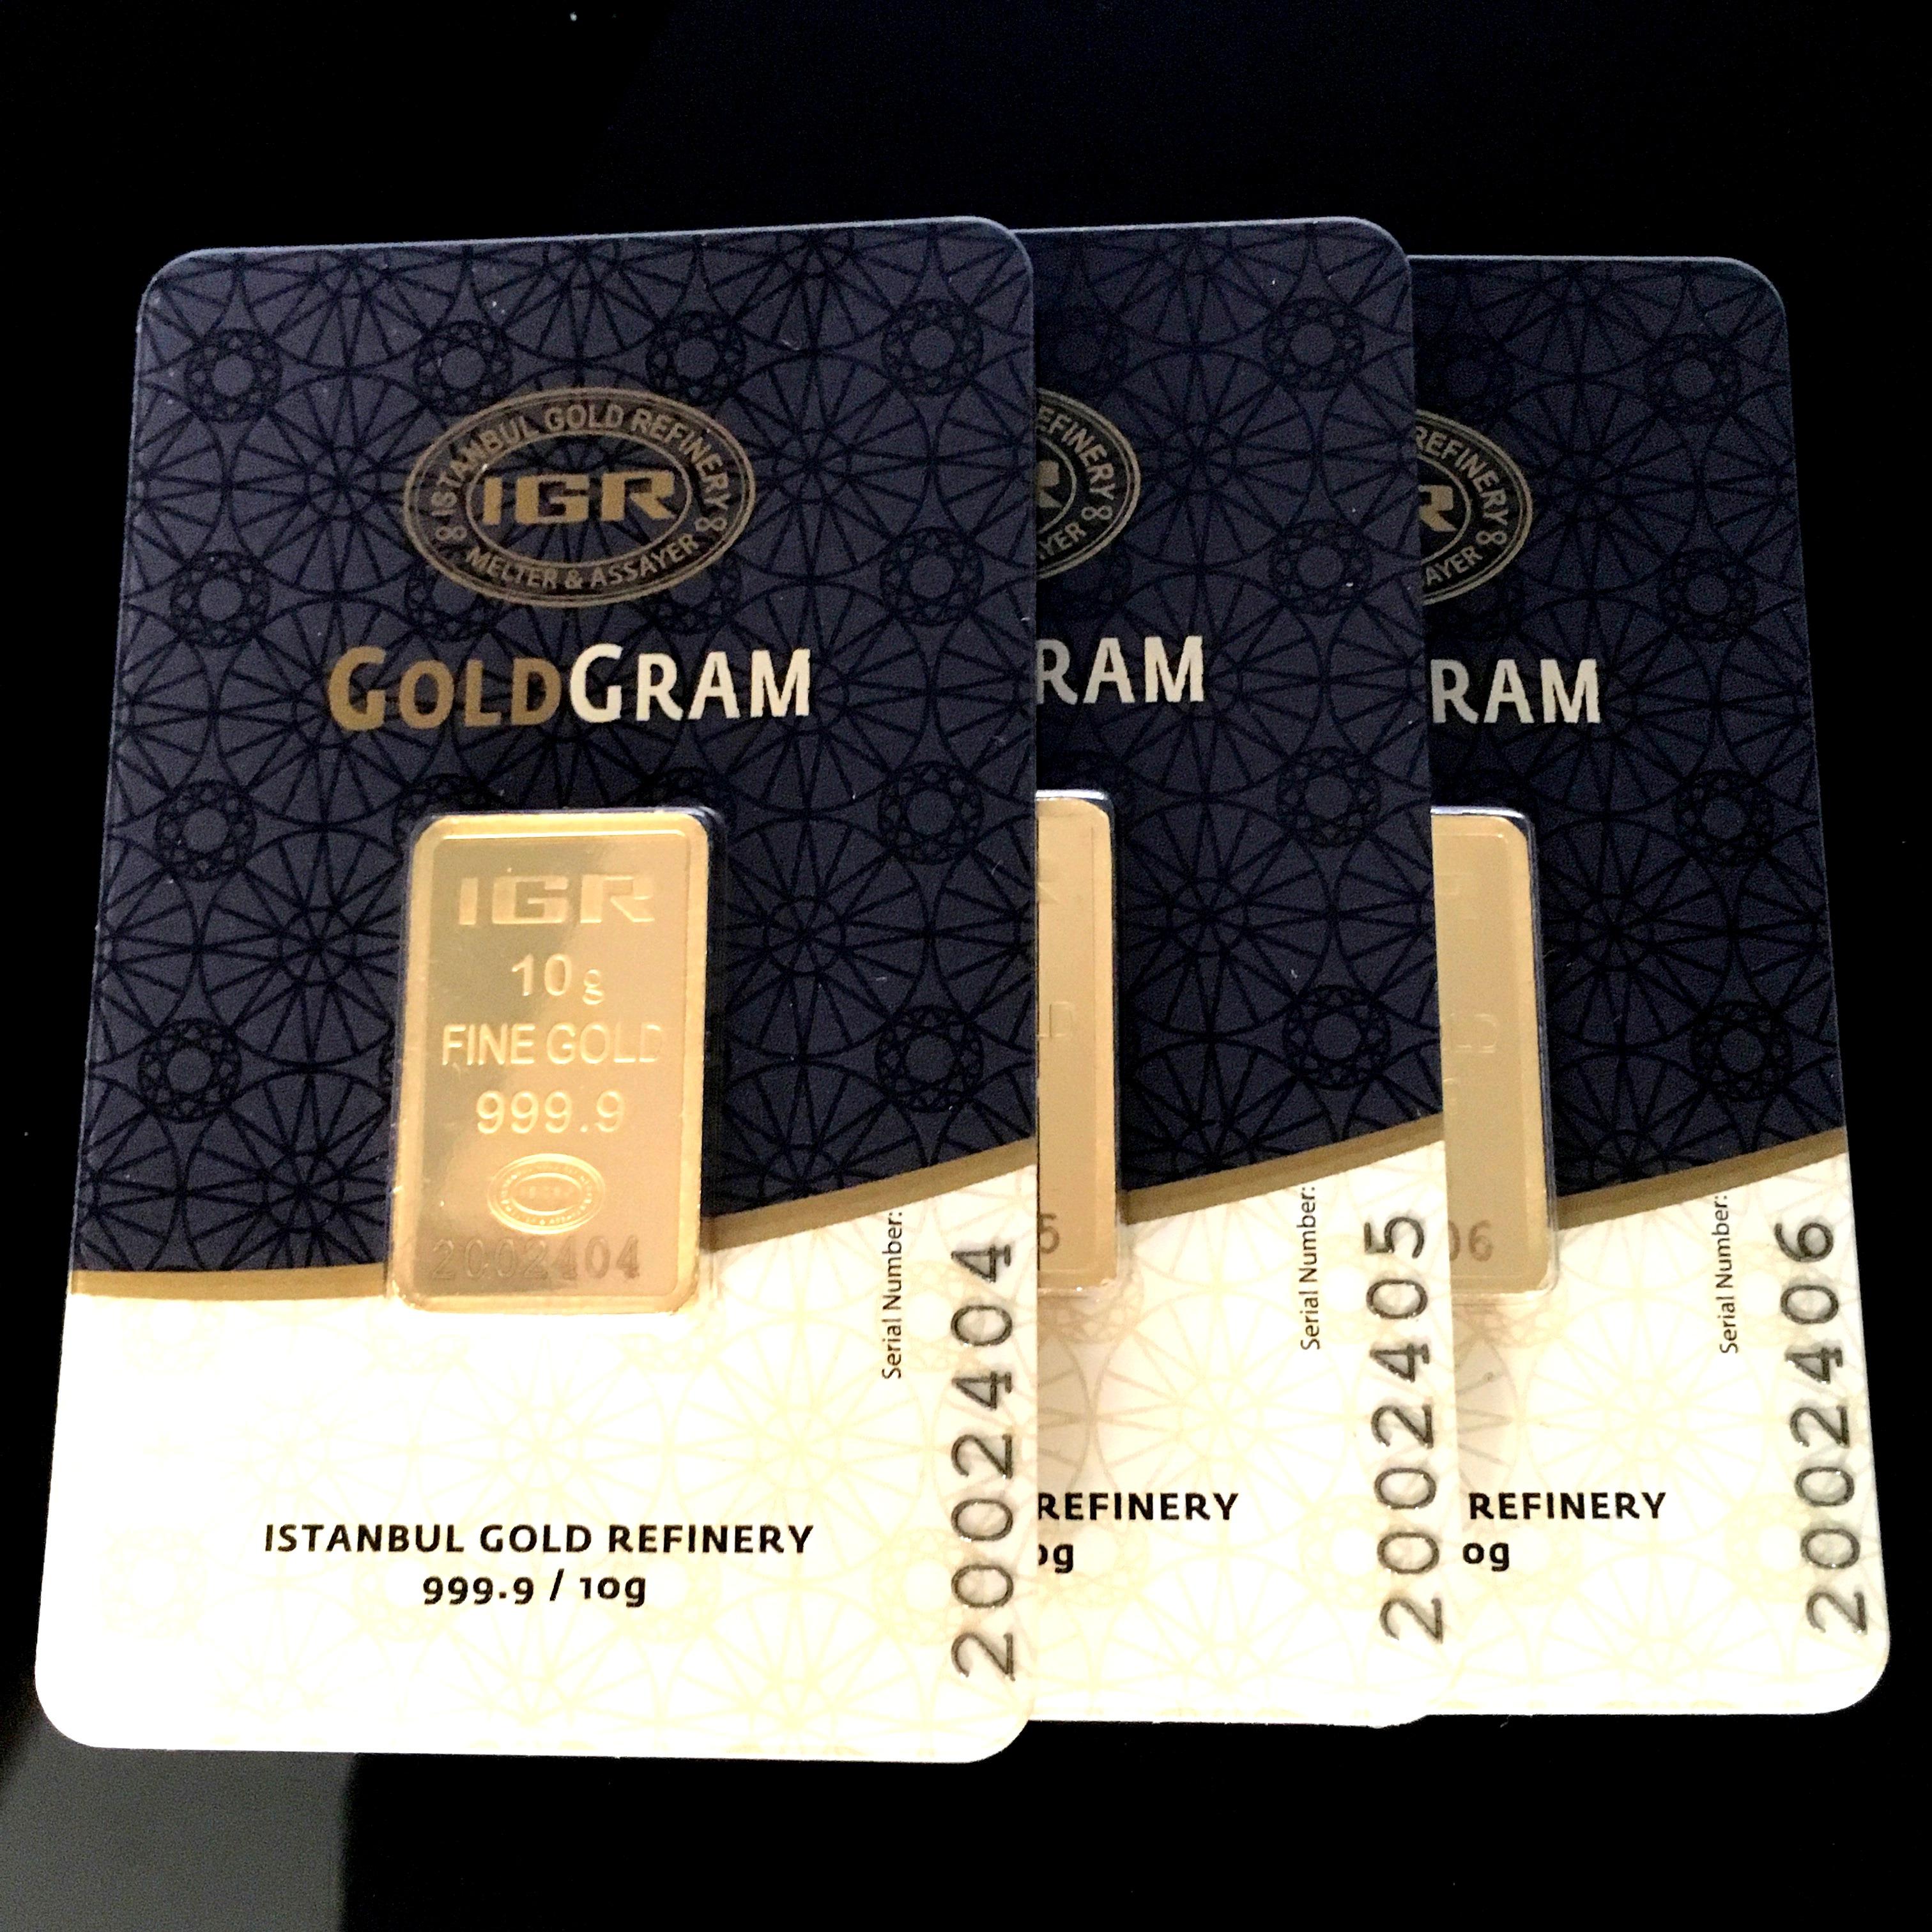 Lot 40 - 3x 10 Gram (Total 30g) 99.99% (24K) Gold Bullion